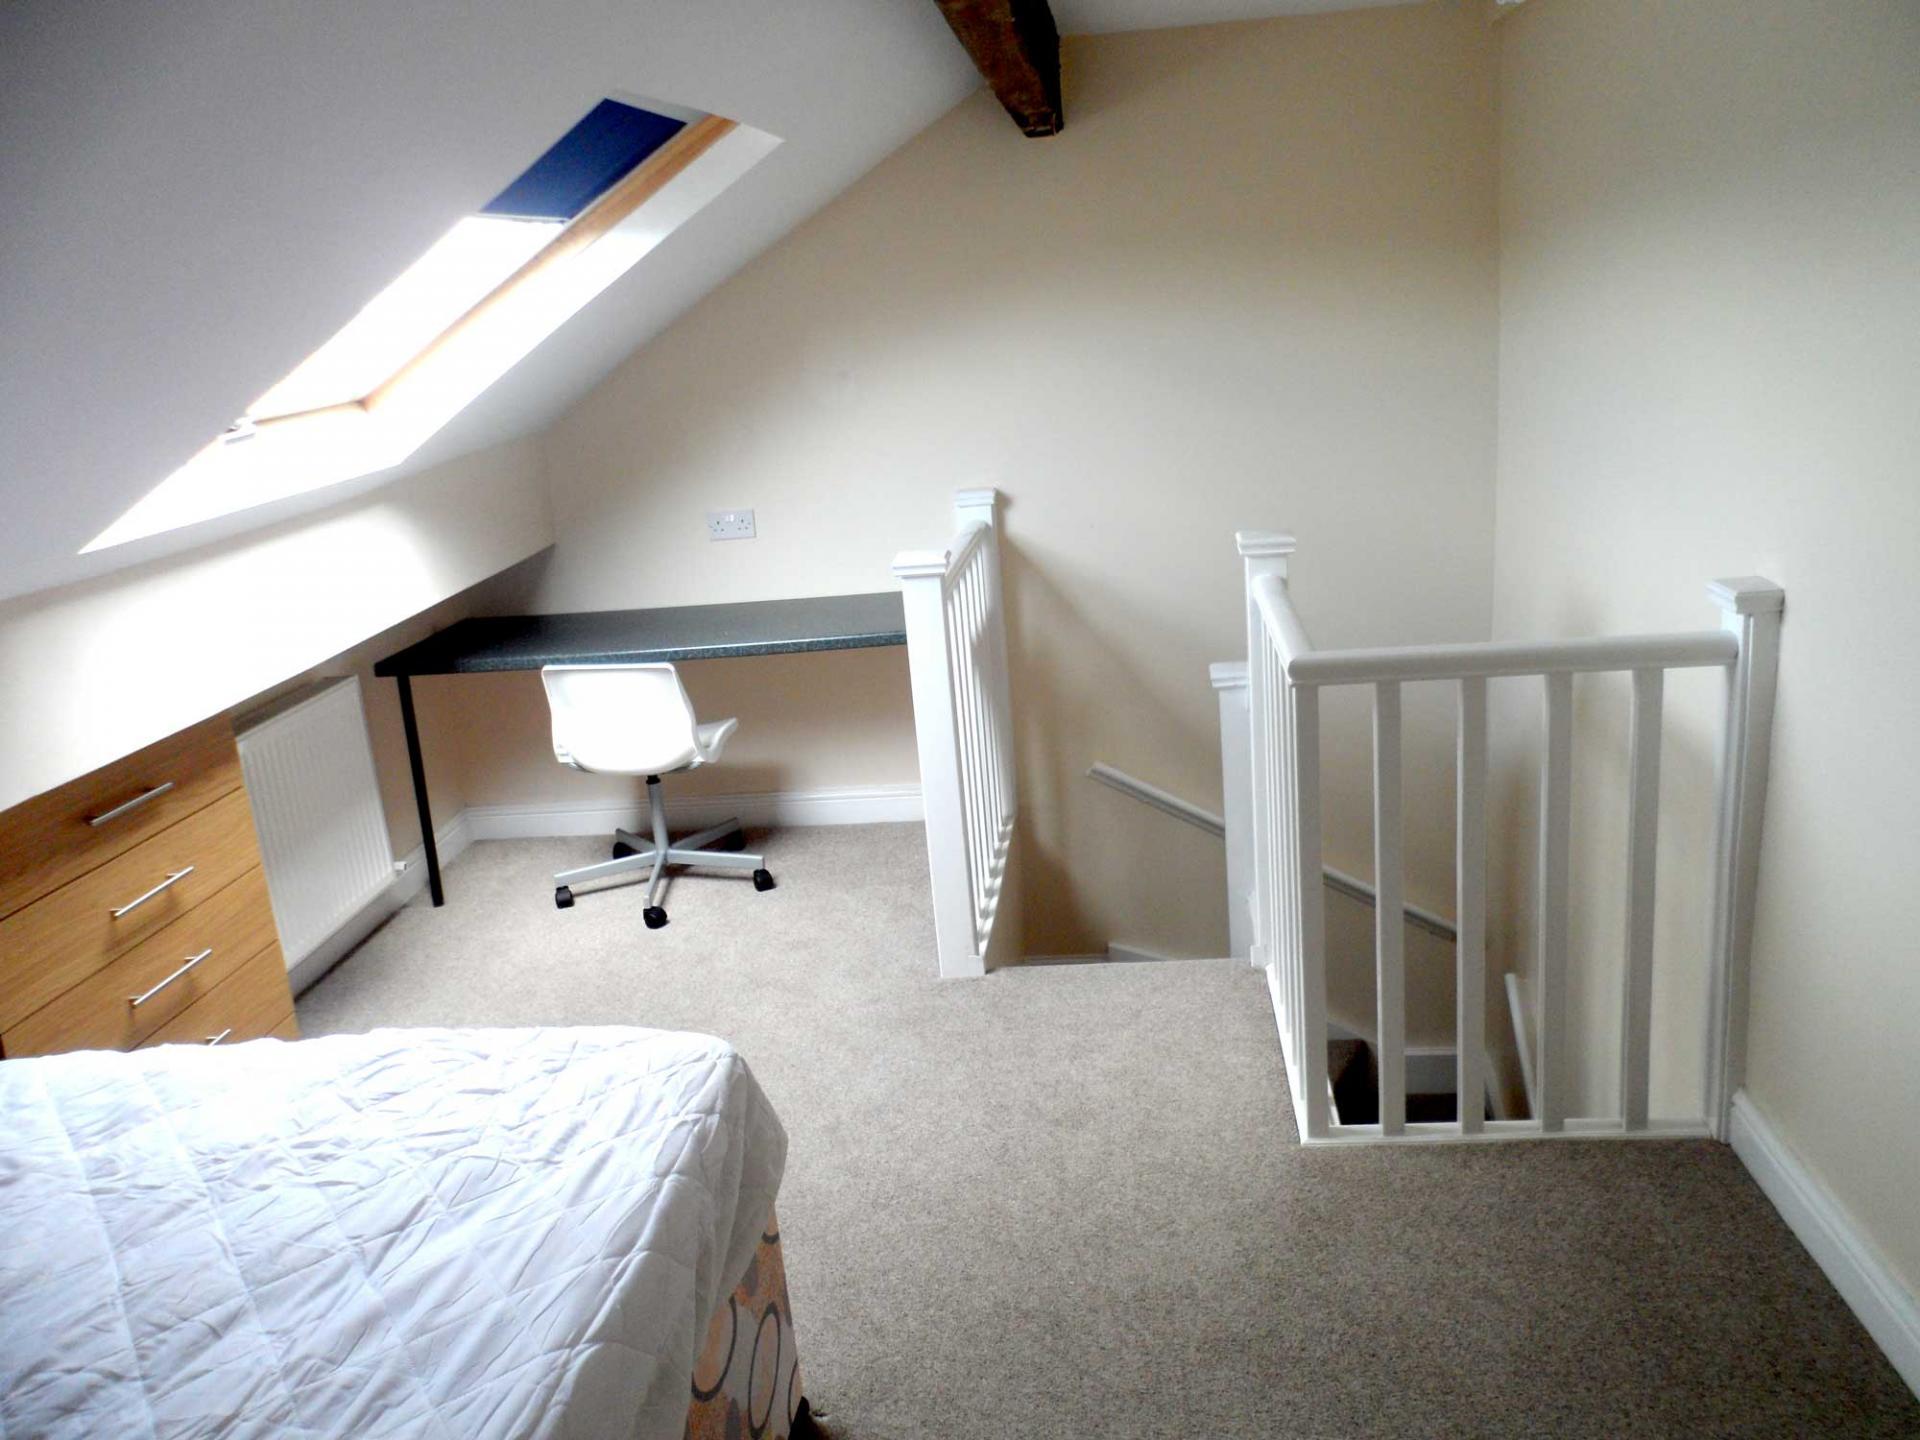 attic bedroom (ensuite)